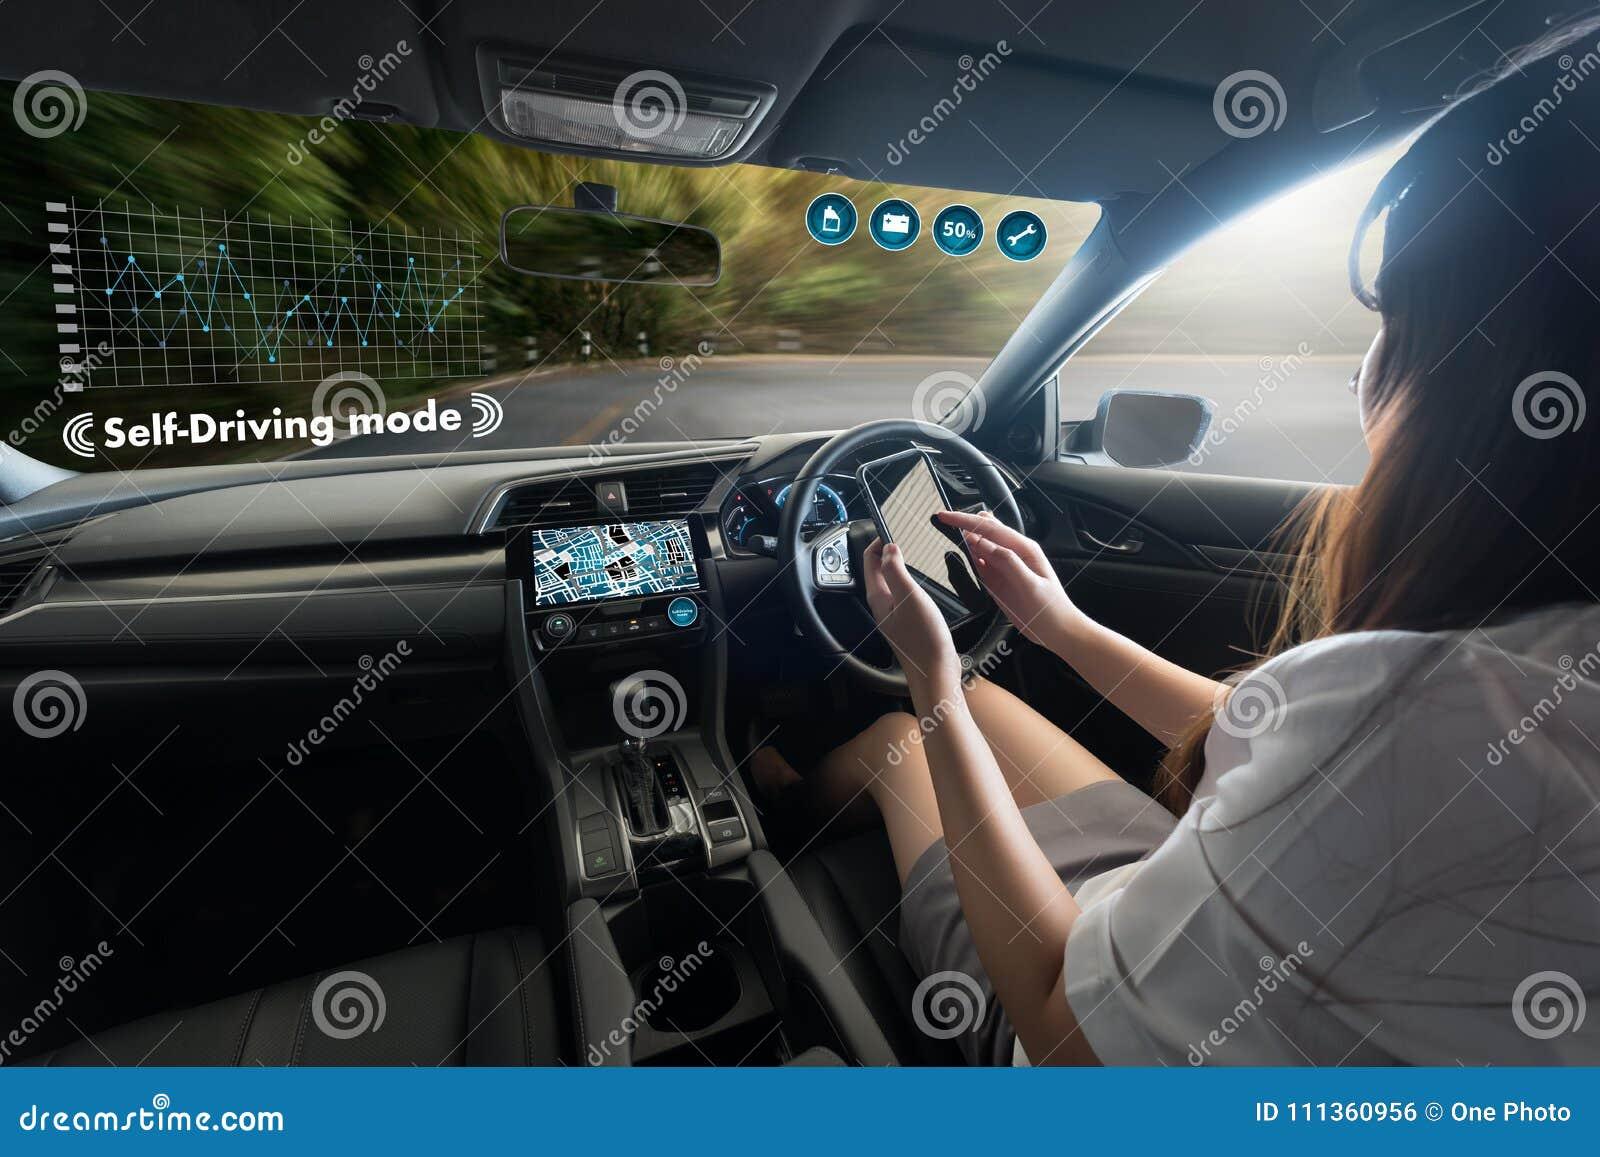 αυτόνομο οδηγώντας αυτοκίνητο και ψηφιακή εικόνα τεχνολογίας ταχυμέτρων